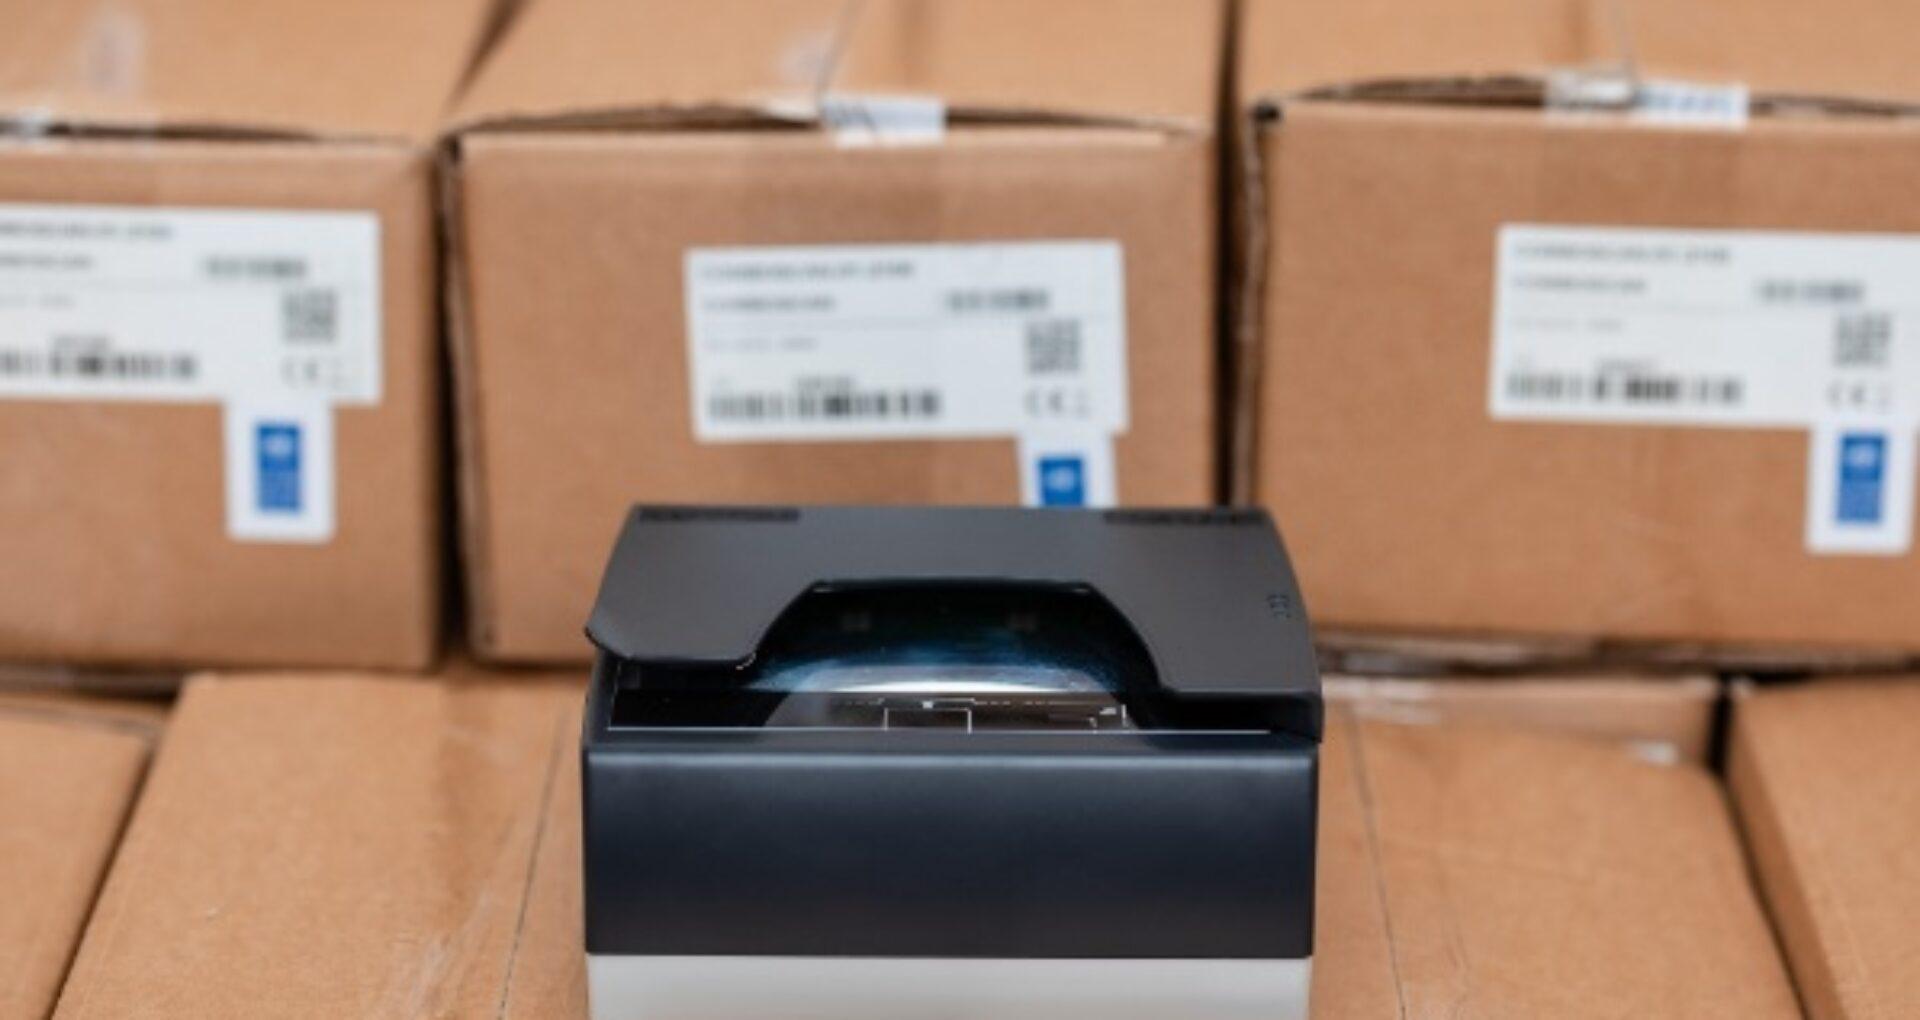 La alegerile prezidențiale din 1 noiembrie vor fi utilizate 240 de scanere pentru identificarea alegătorilor